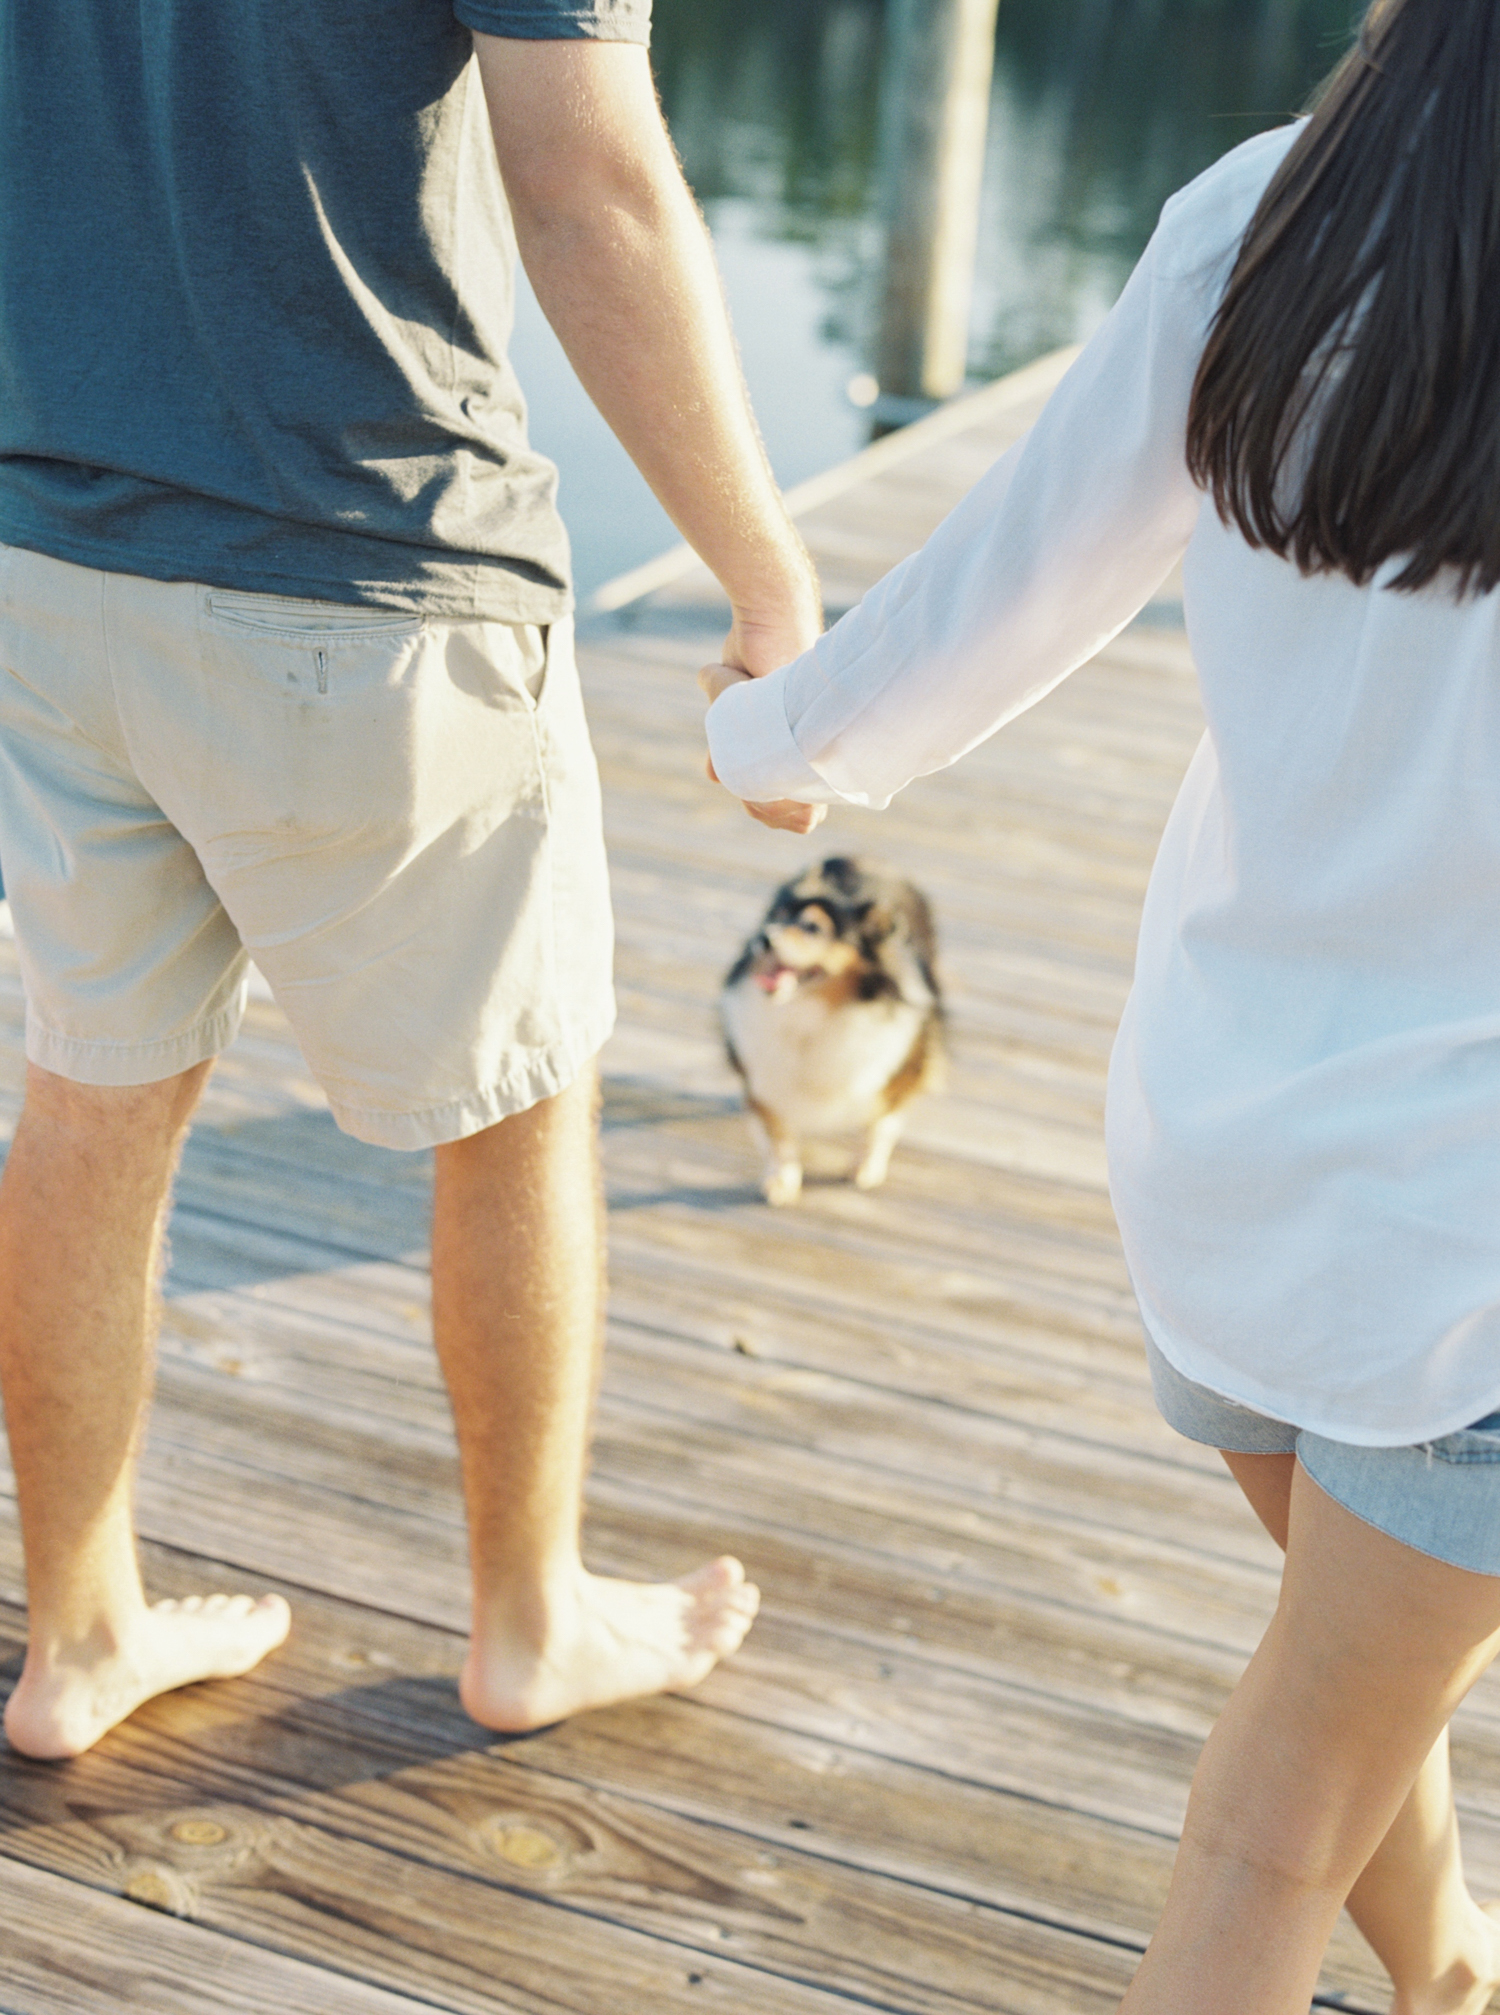 Kaylie&Cory&Pups-1031.jpg